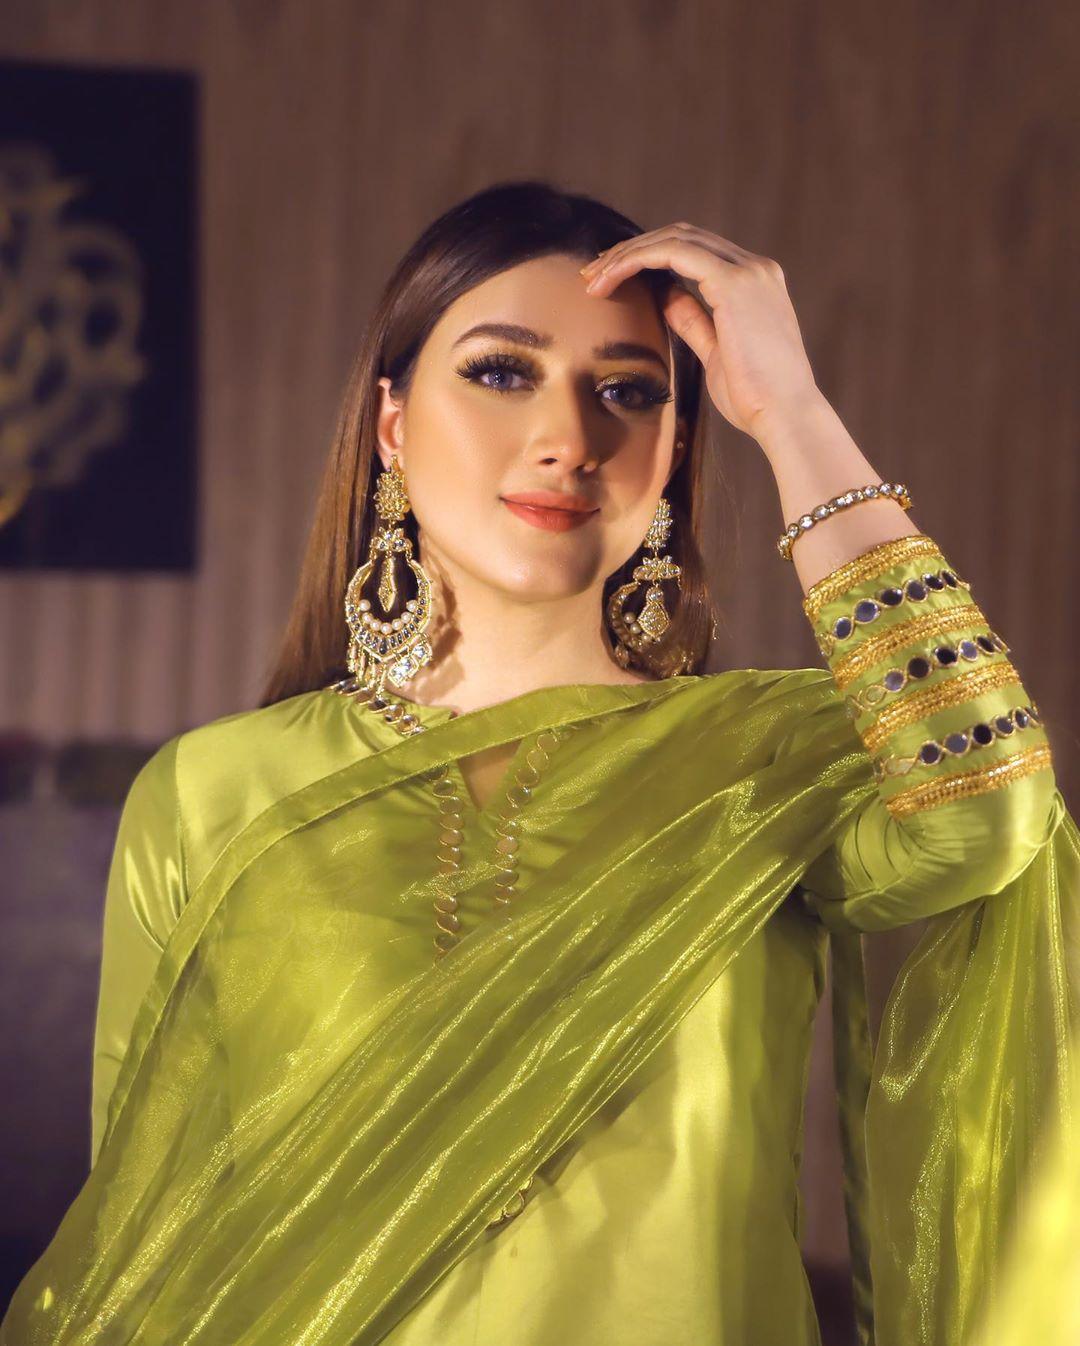 Momina iqbal age